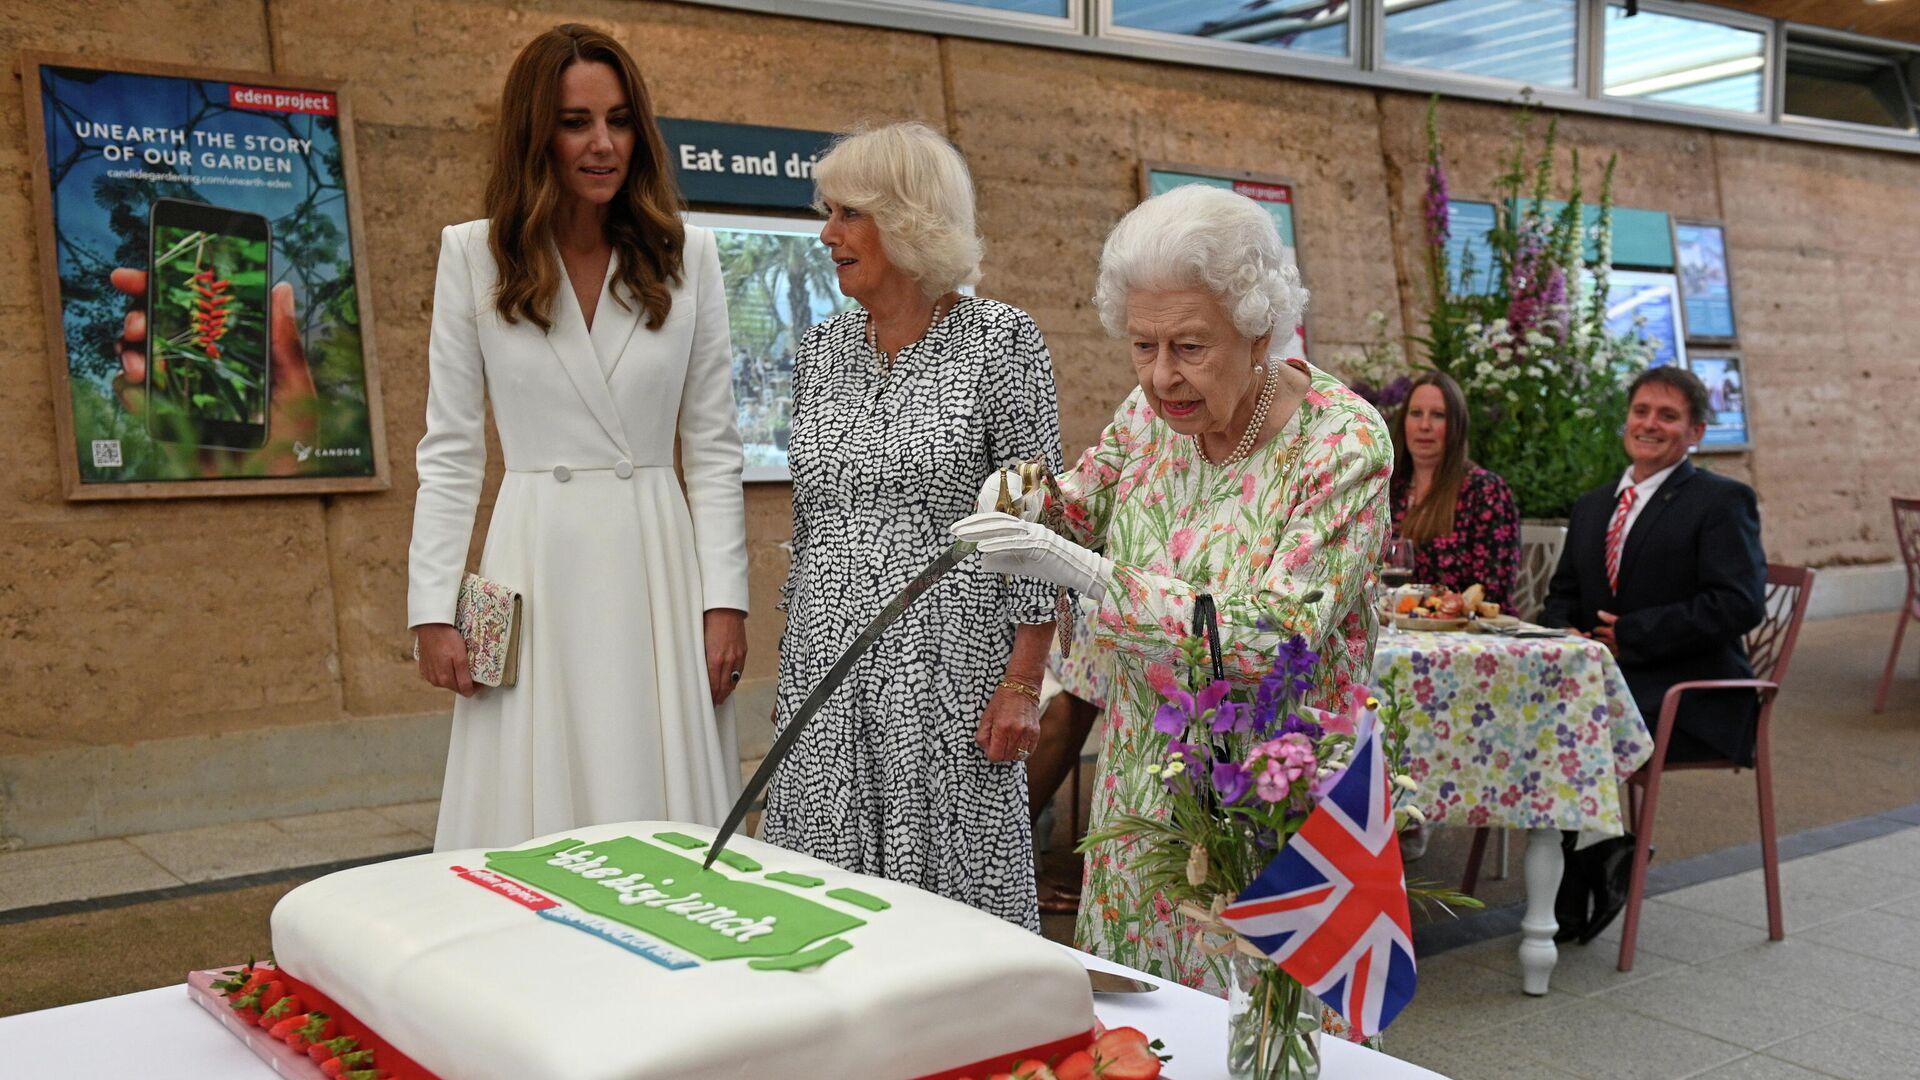 La reina Isabel II decide cortar un pastel con una espada en una ceremonia en Cornualles - Sputnik Mundo, 1920, 12.06.2021